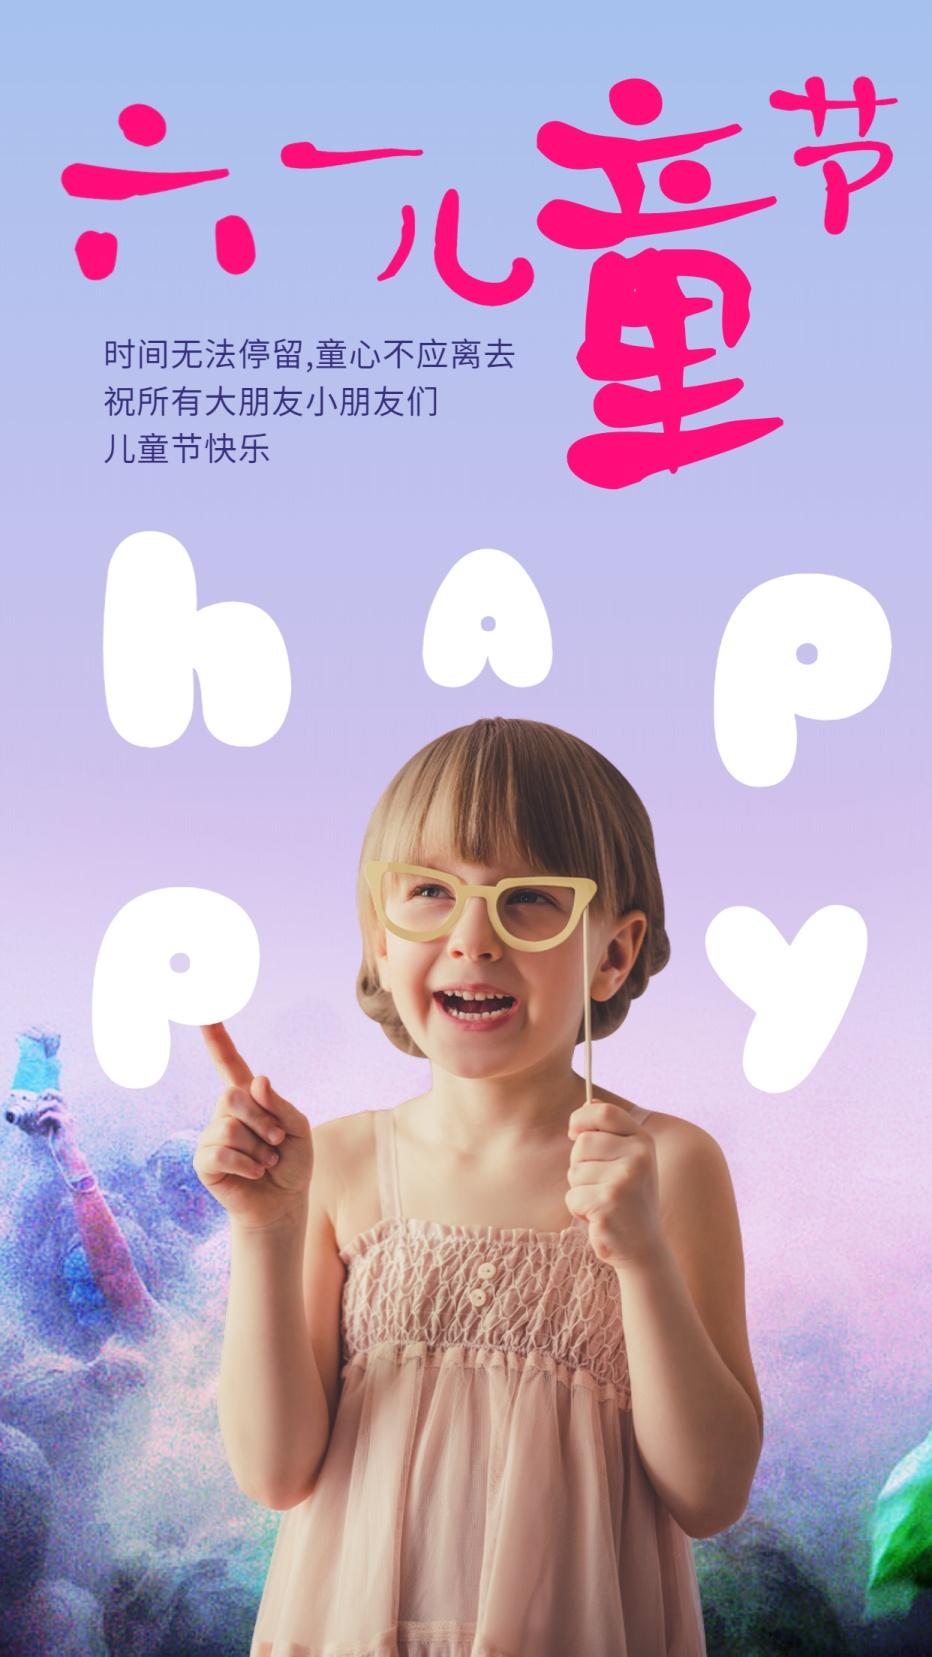 六一儿童节手机海报